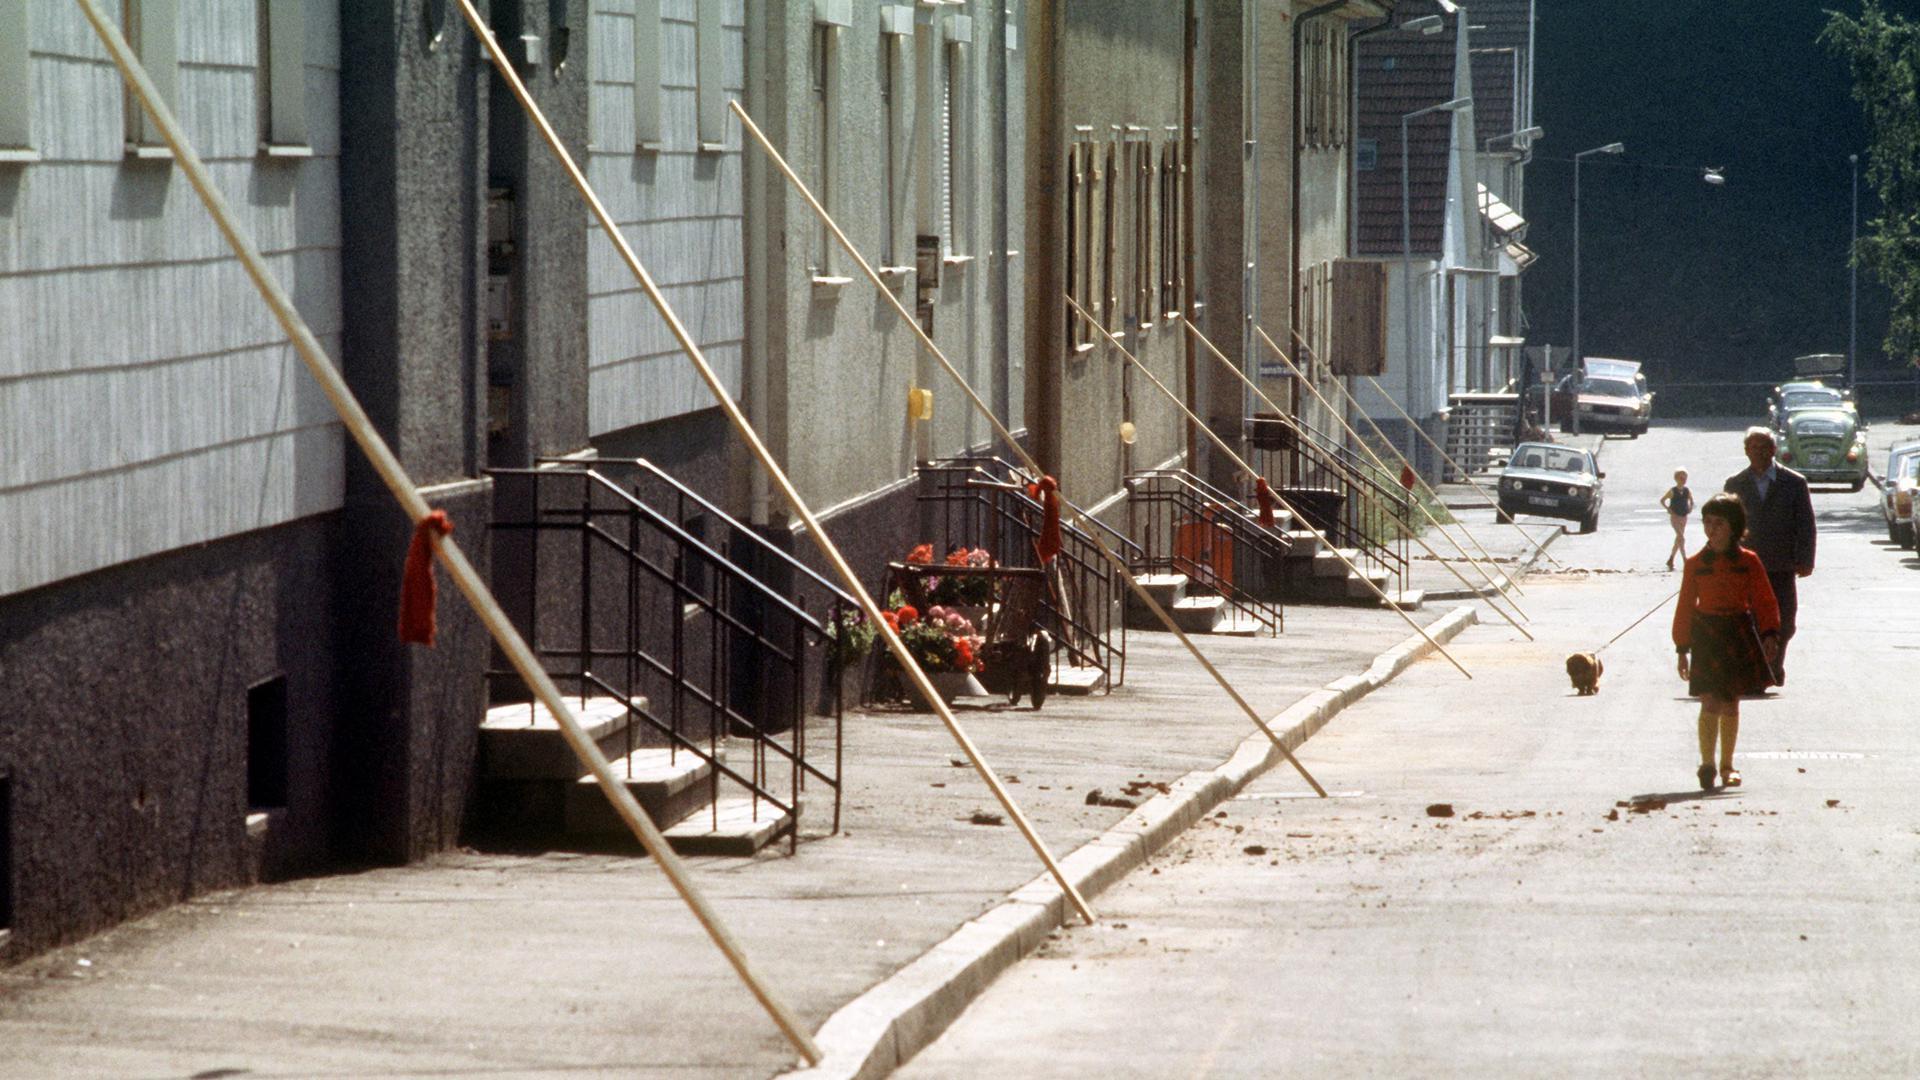 Hausfassaden werden nach dem Beben sicherheitshalber abgestützt. Das schwerste Erdbeben in Baden-Württemberg seit 35 Jahren richtete Anfang September 1978 in Albstadt im Zollernalbkreis die stärksten Schäden an.